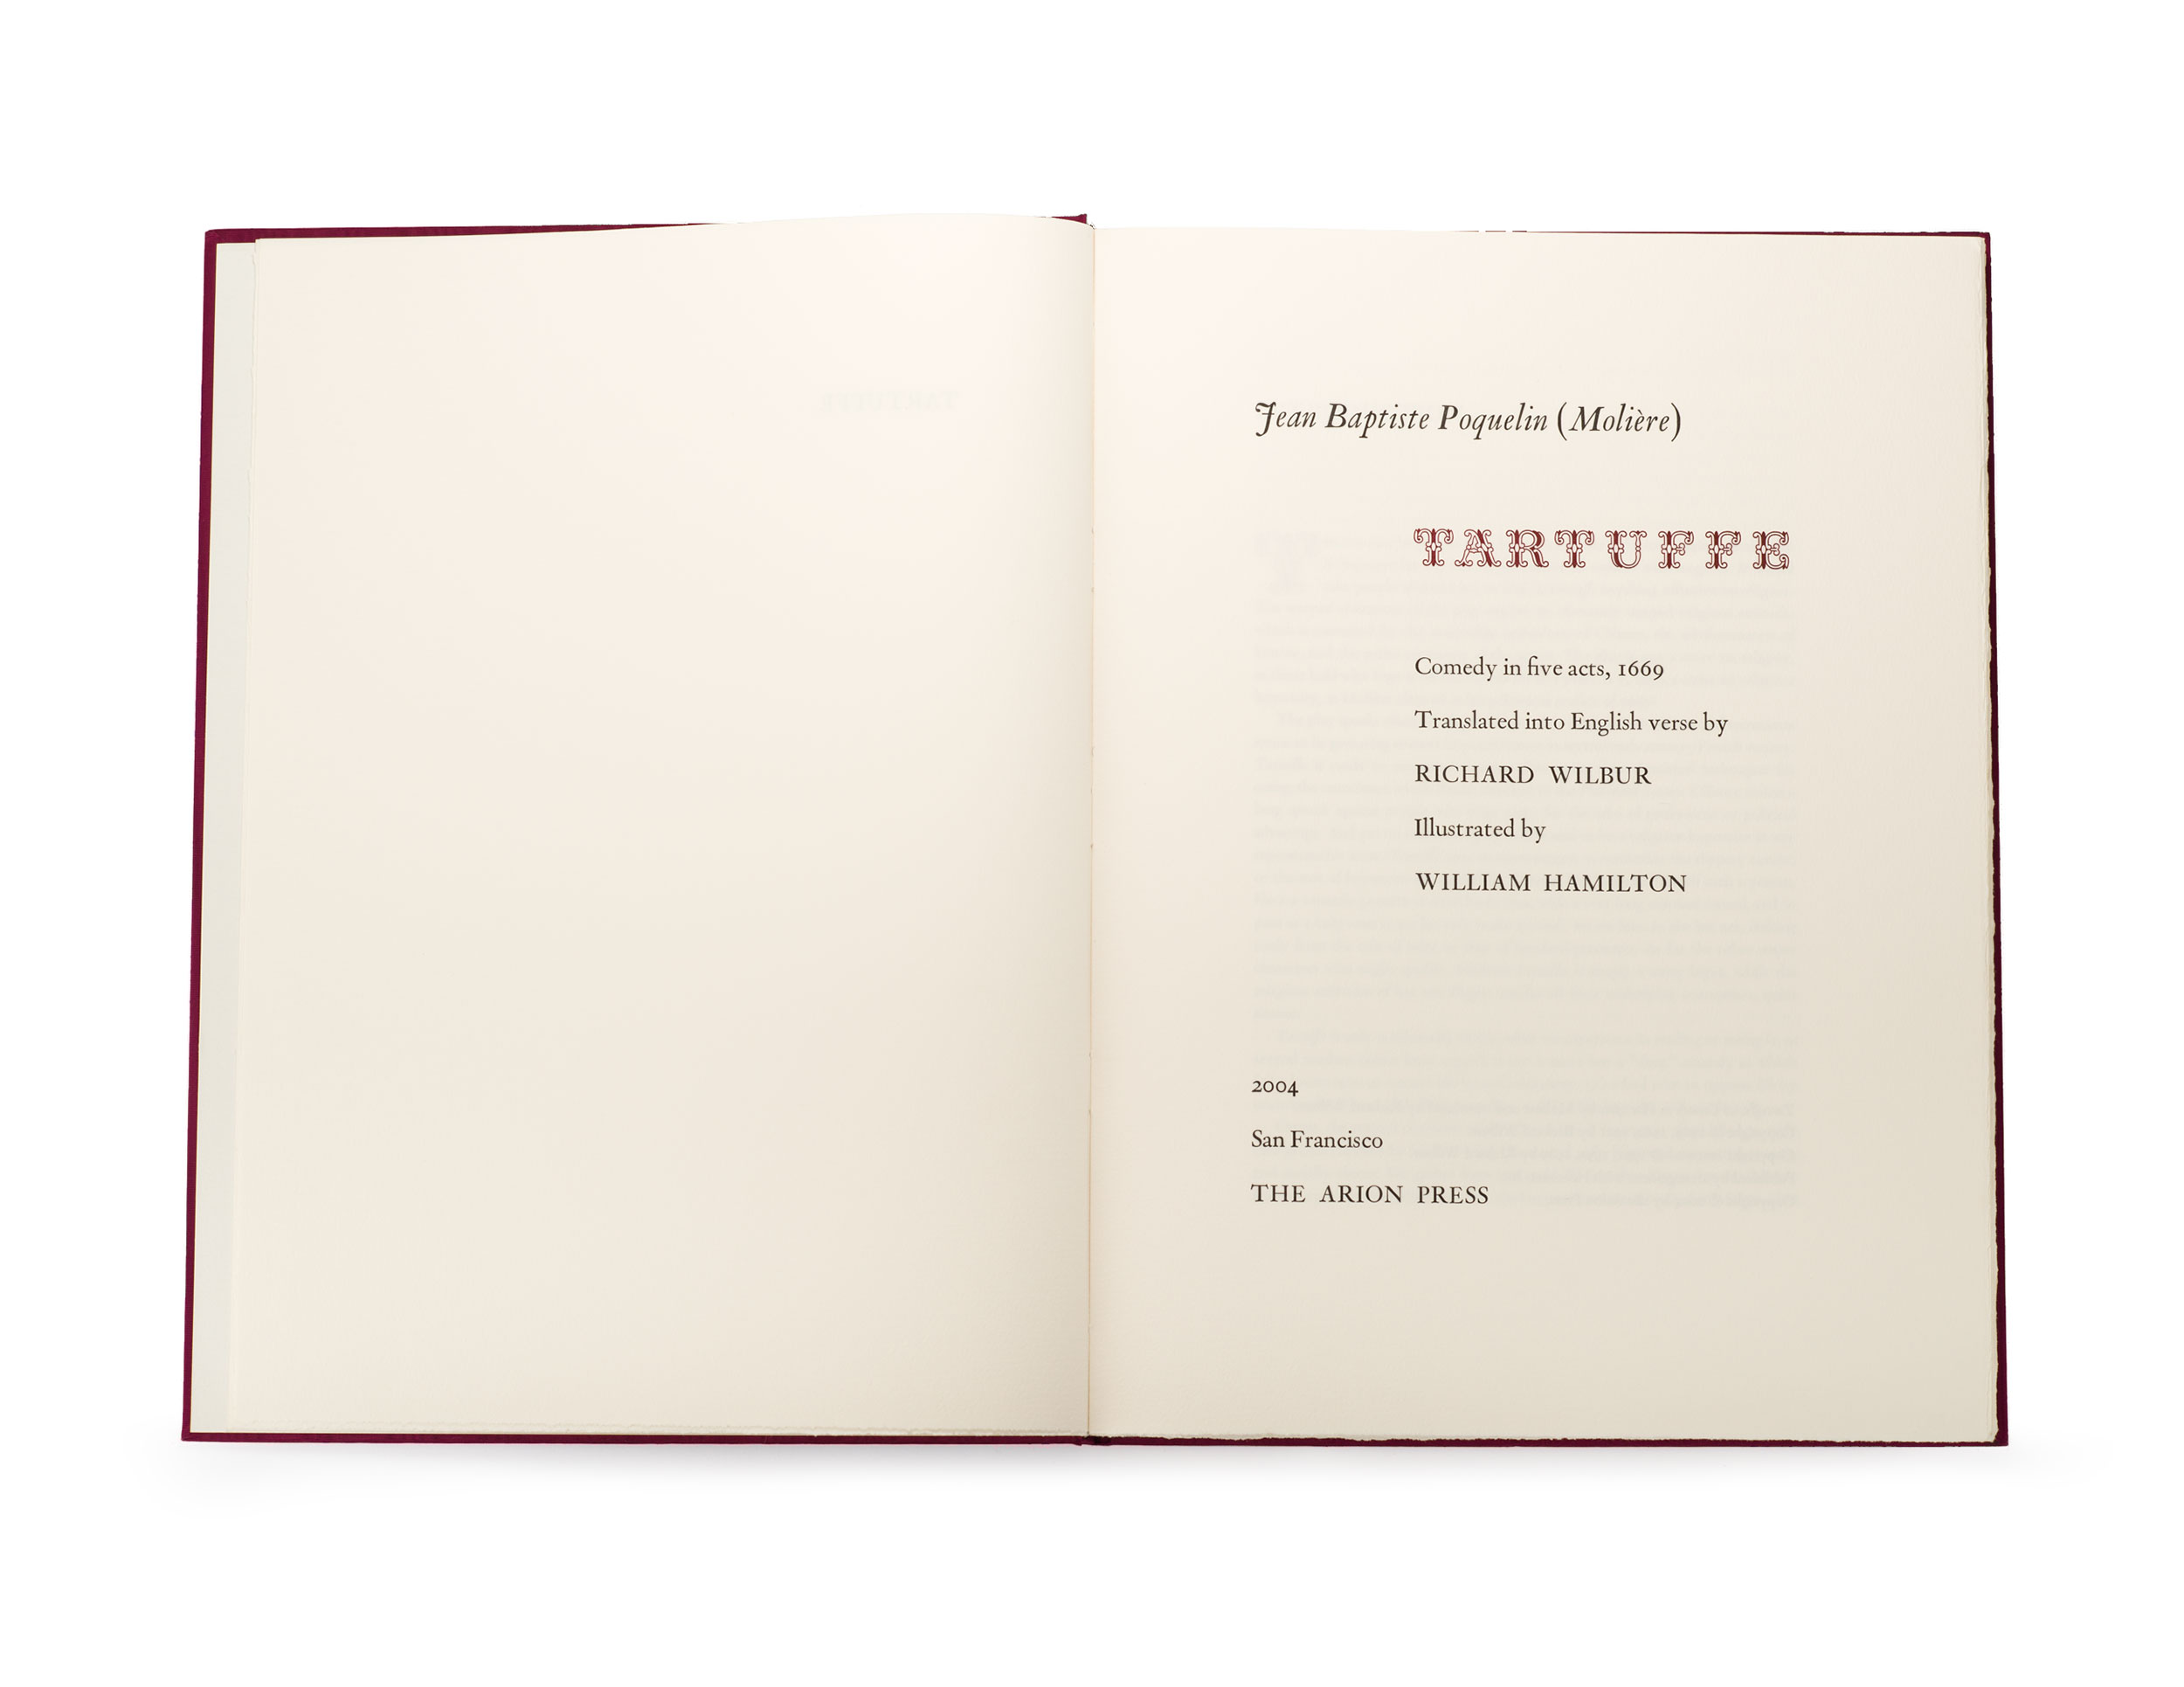 068_Tartuffe-Title-fix.jpg